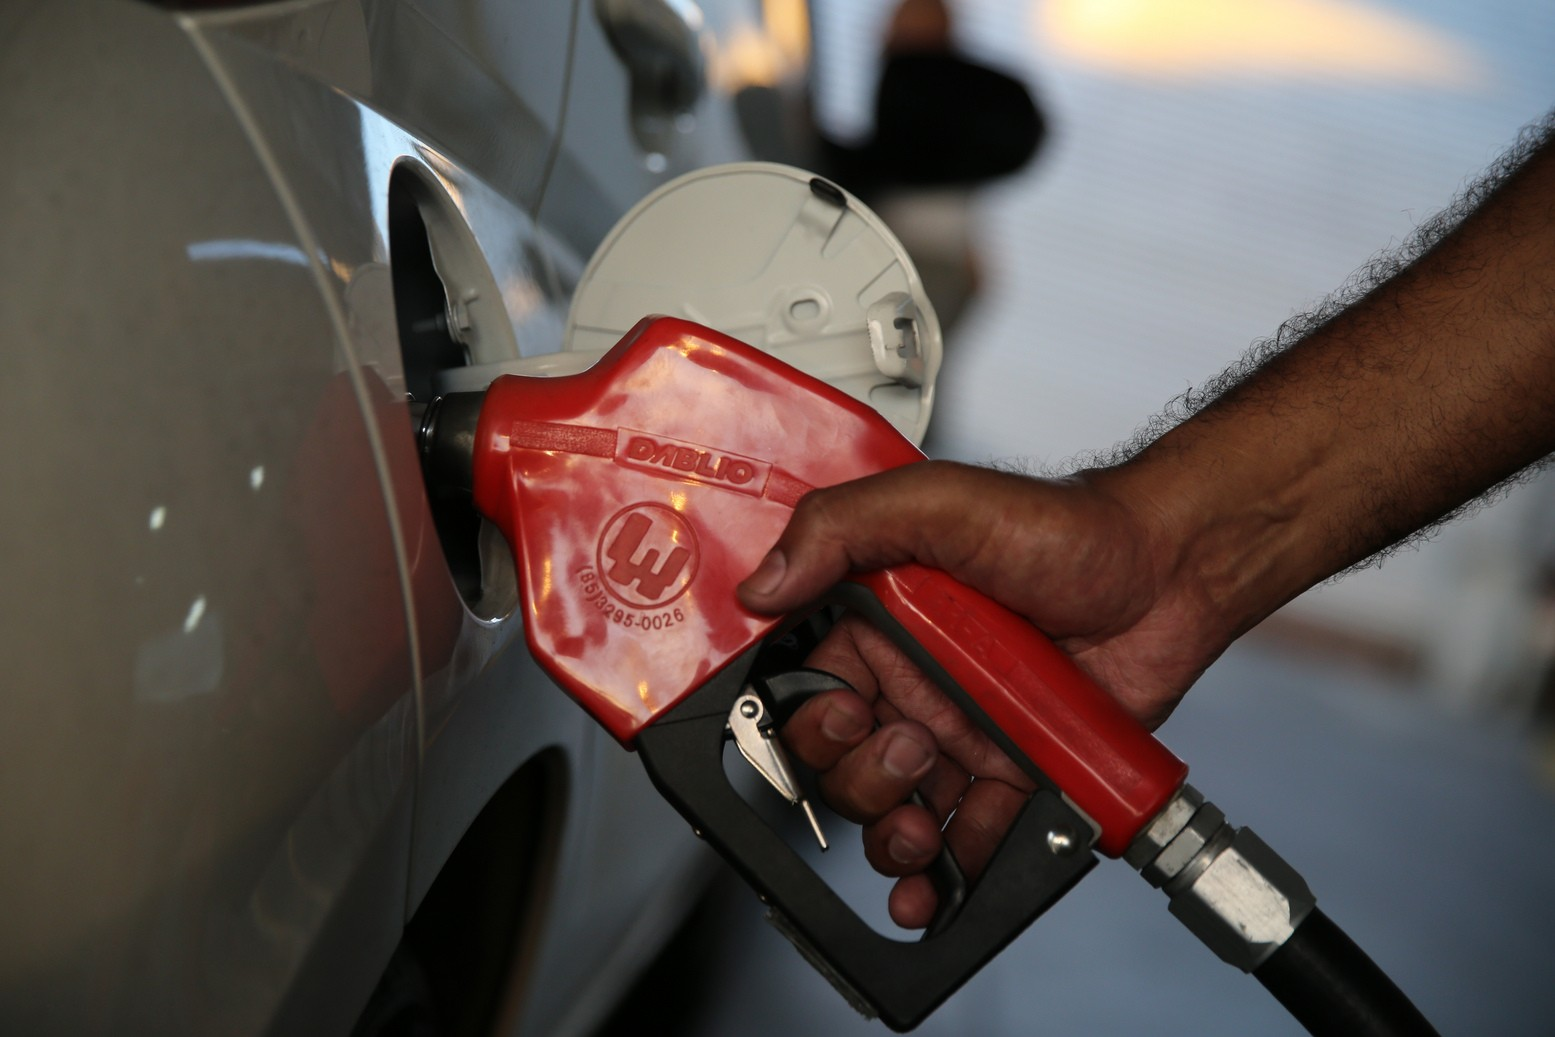 Preço da gasolina cai e chega a R$ 4,279 em João Pessoa, diz Procon - Notícias - Plantão Diário